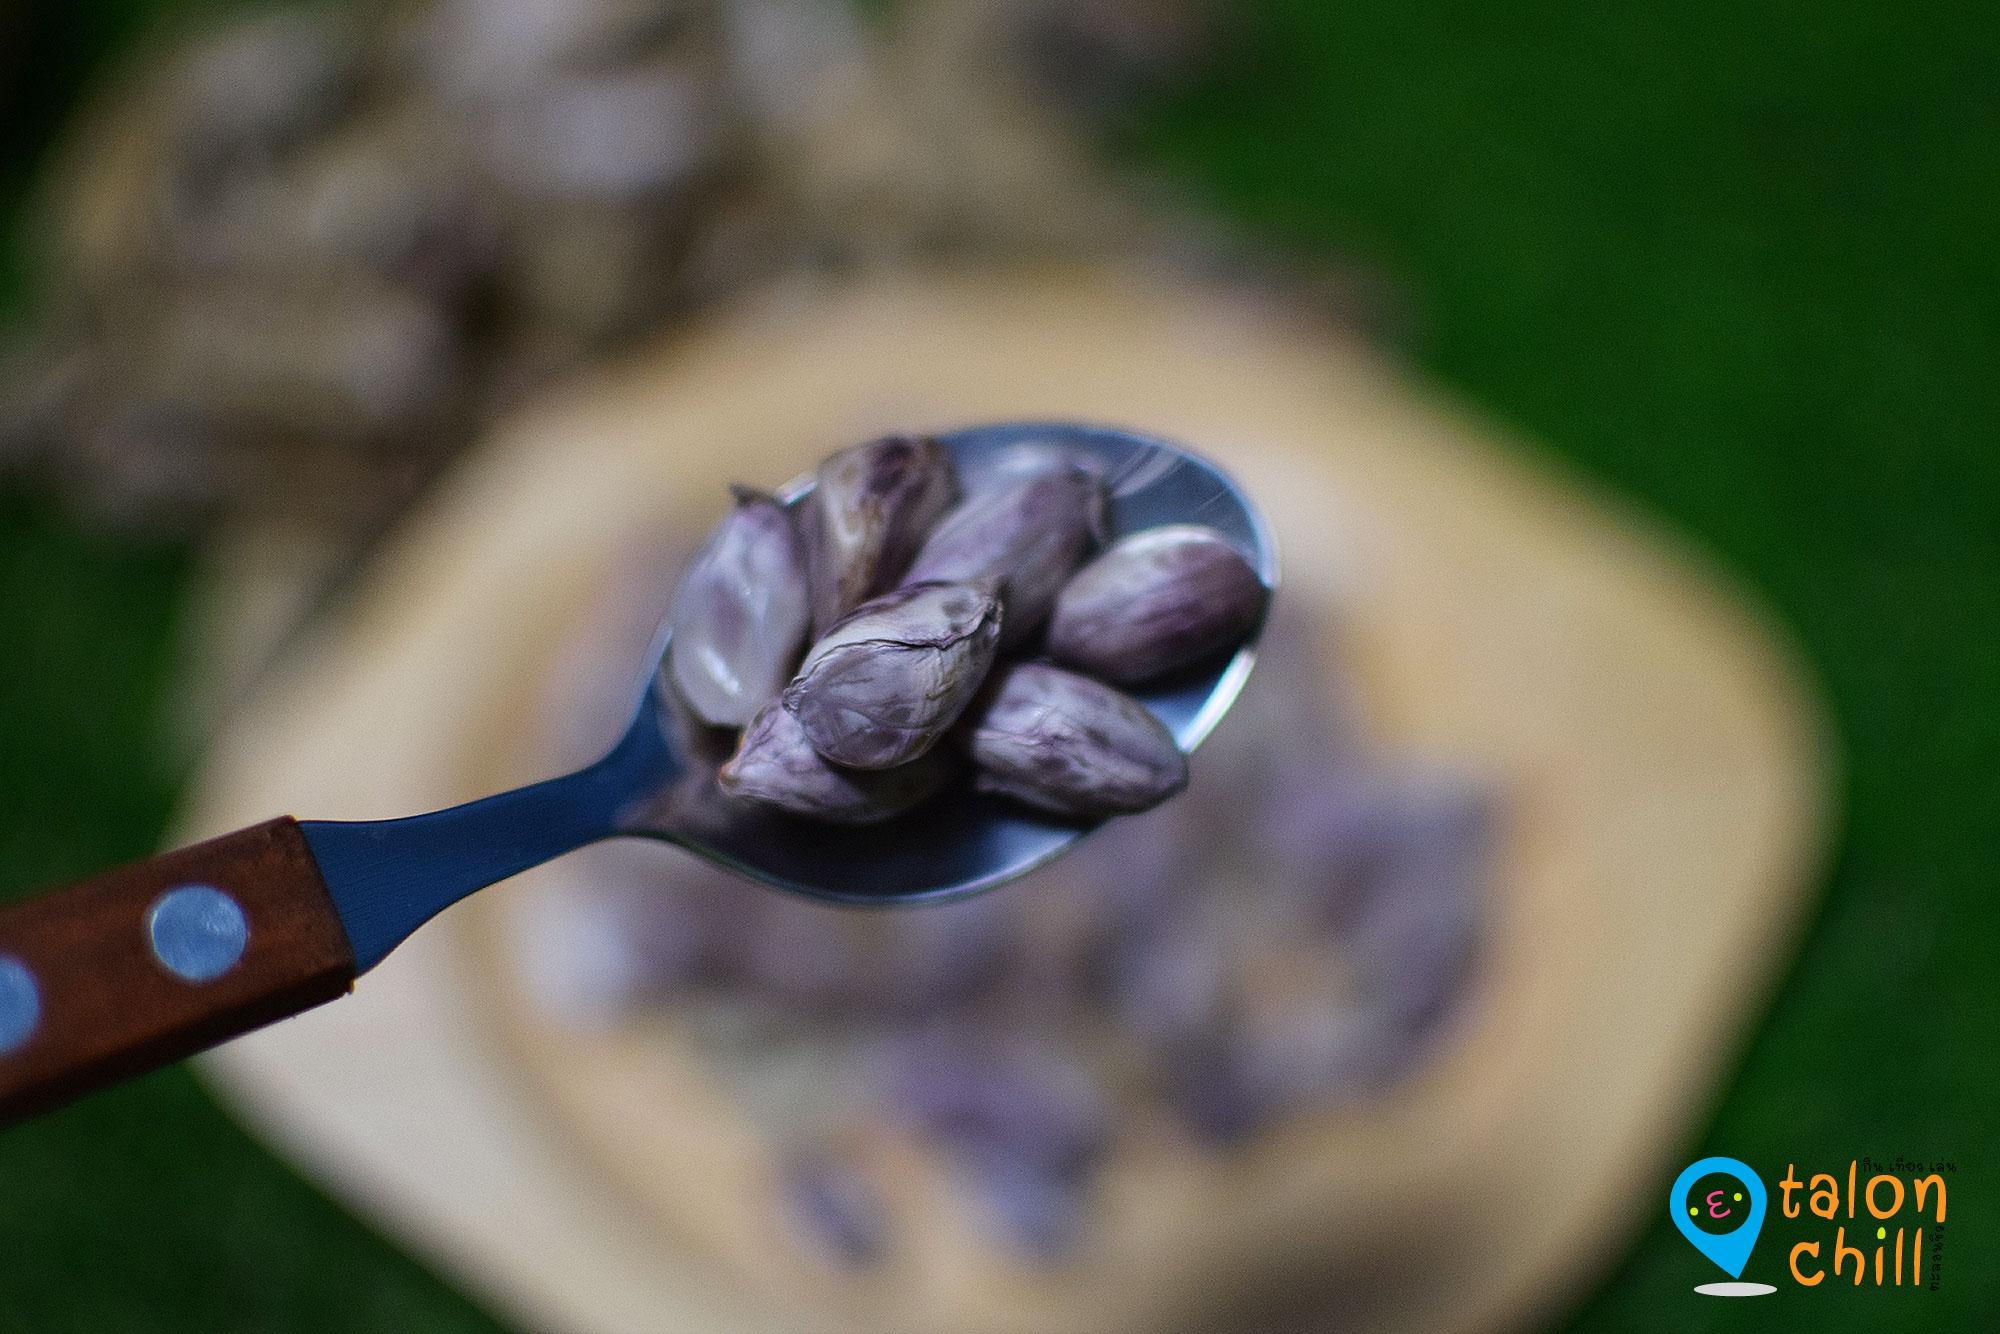 [มินิรีวิวแกะของกิน 7-11] ถั่วคัพ (ถั่วลิสงต้ม)